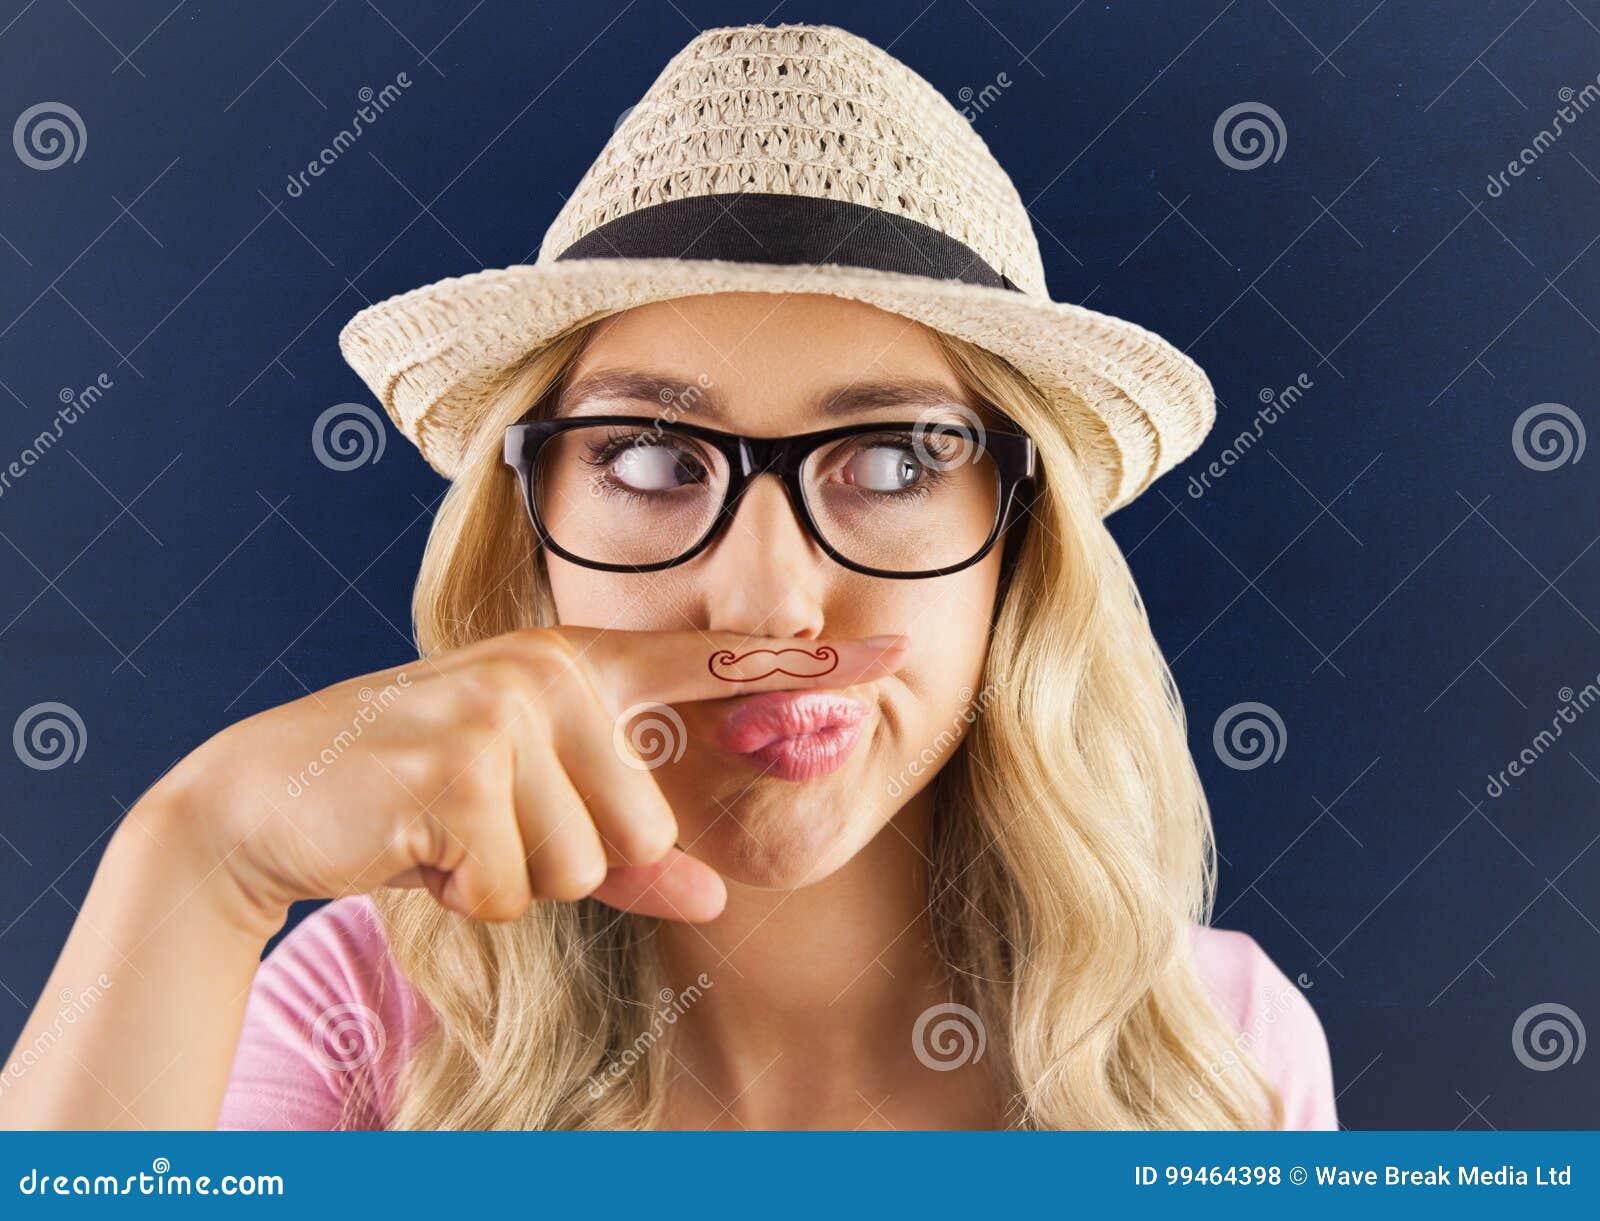 Millennials-Mädchen Mit Dem Schnurrbart Gezeichnet Auf Finger Gegen ...